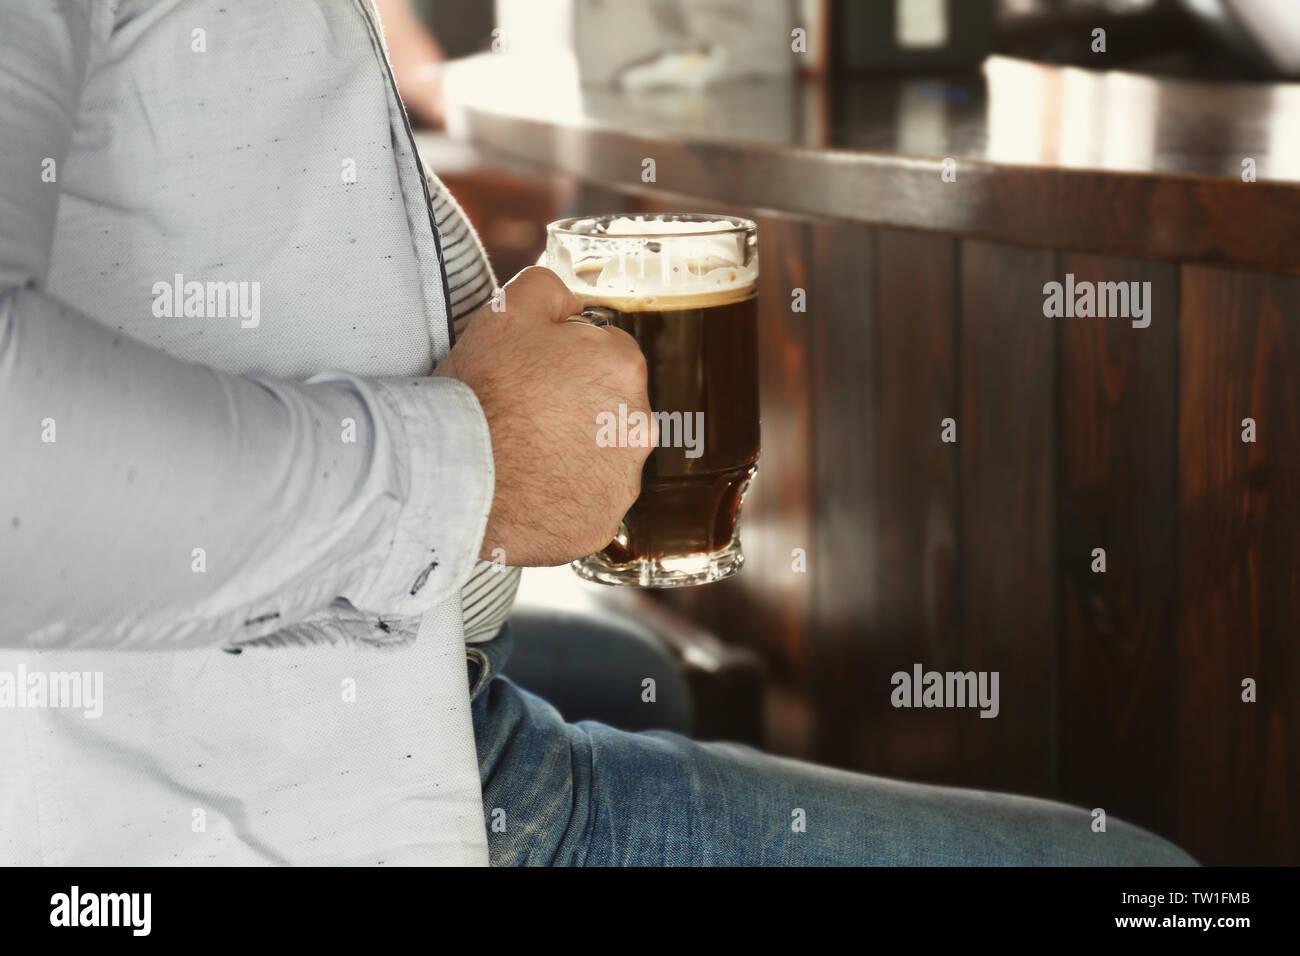 Mann hält ein Glas Bier in der Kneipe, Nahaufnahme Stockbild